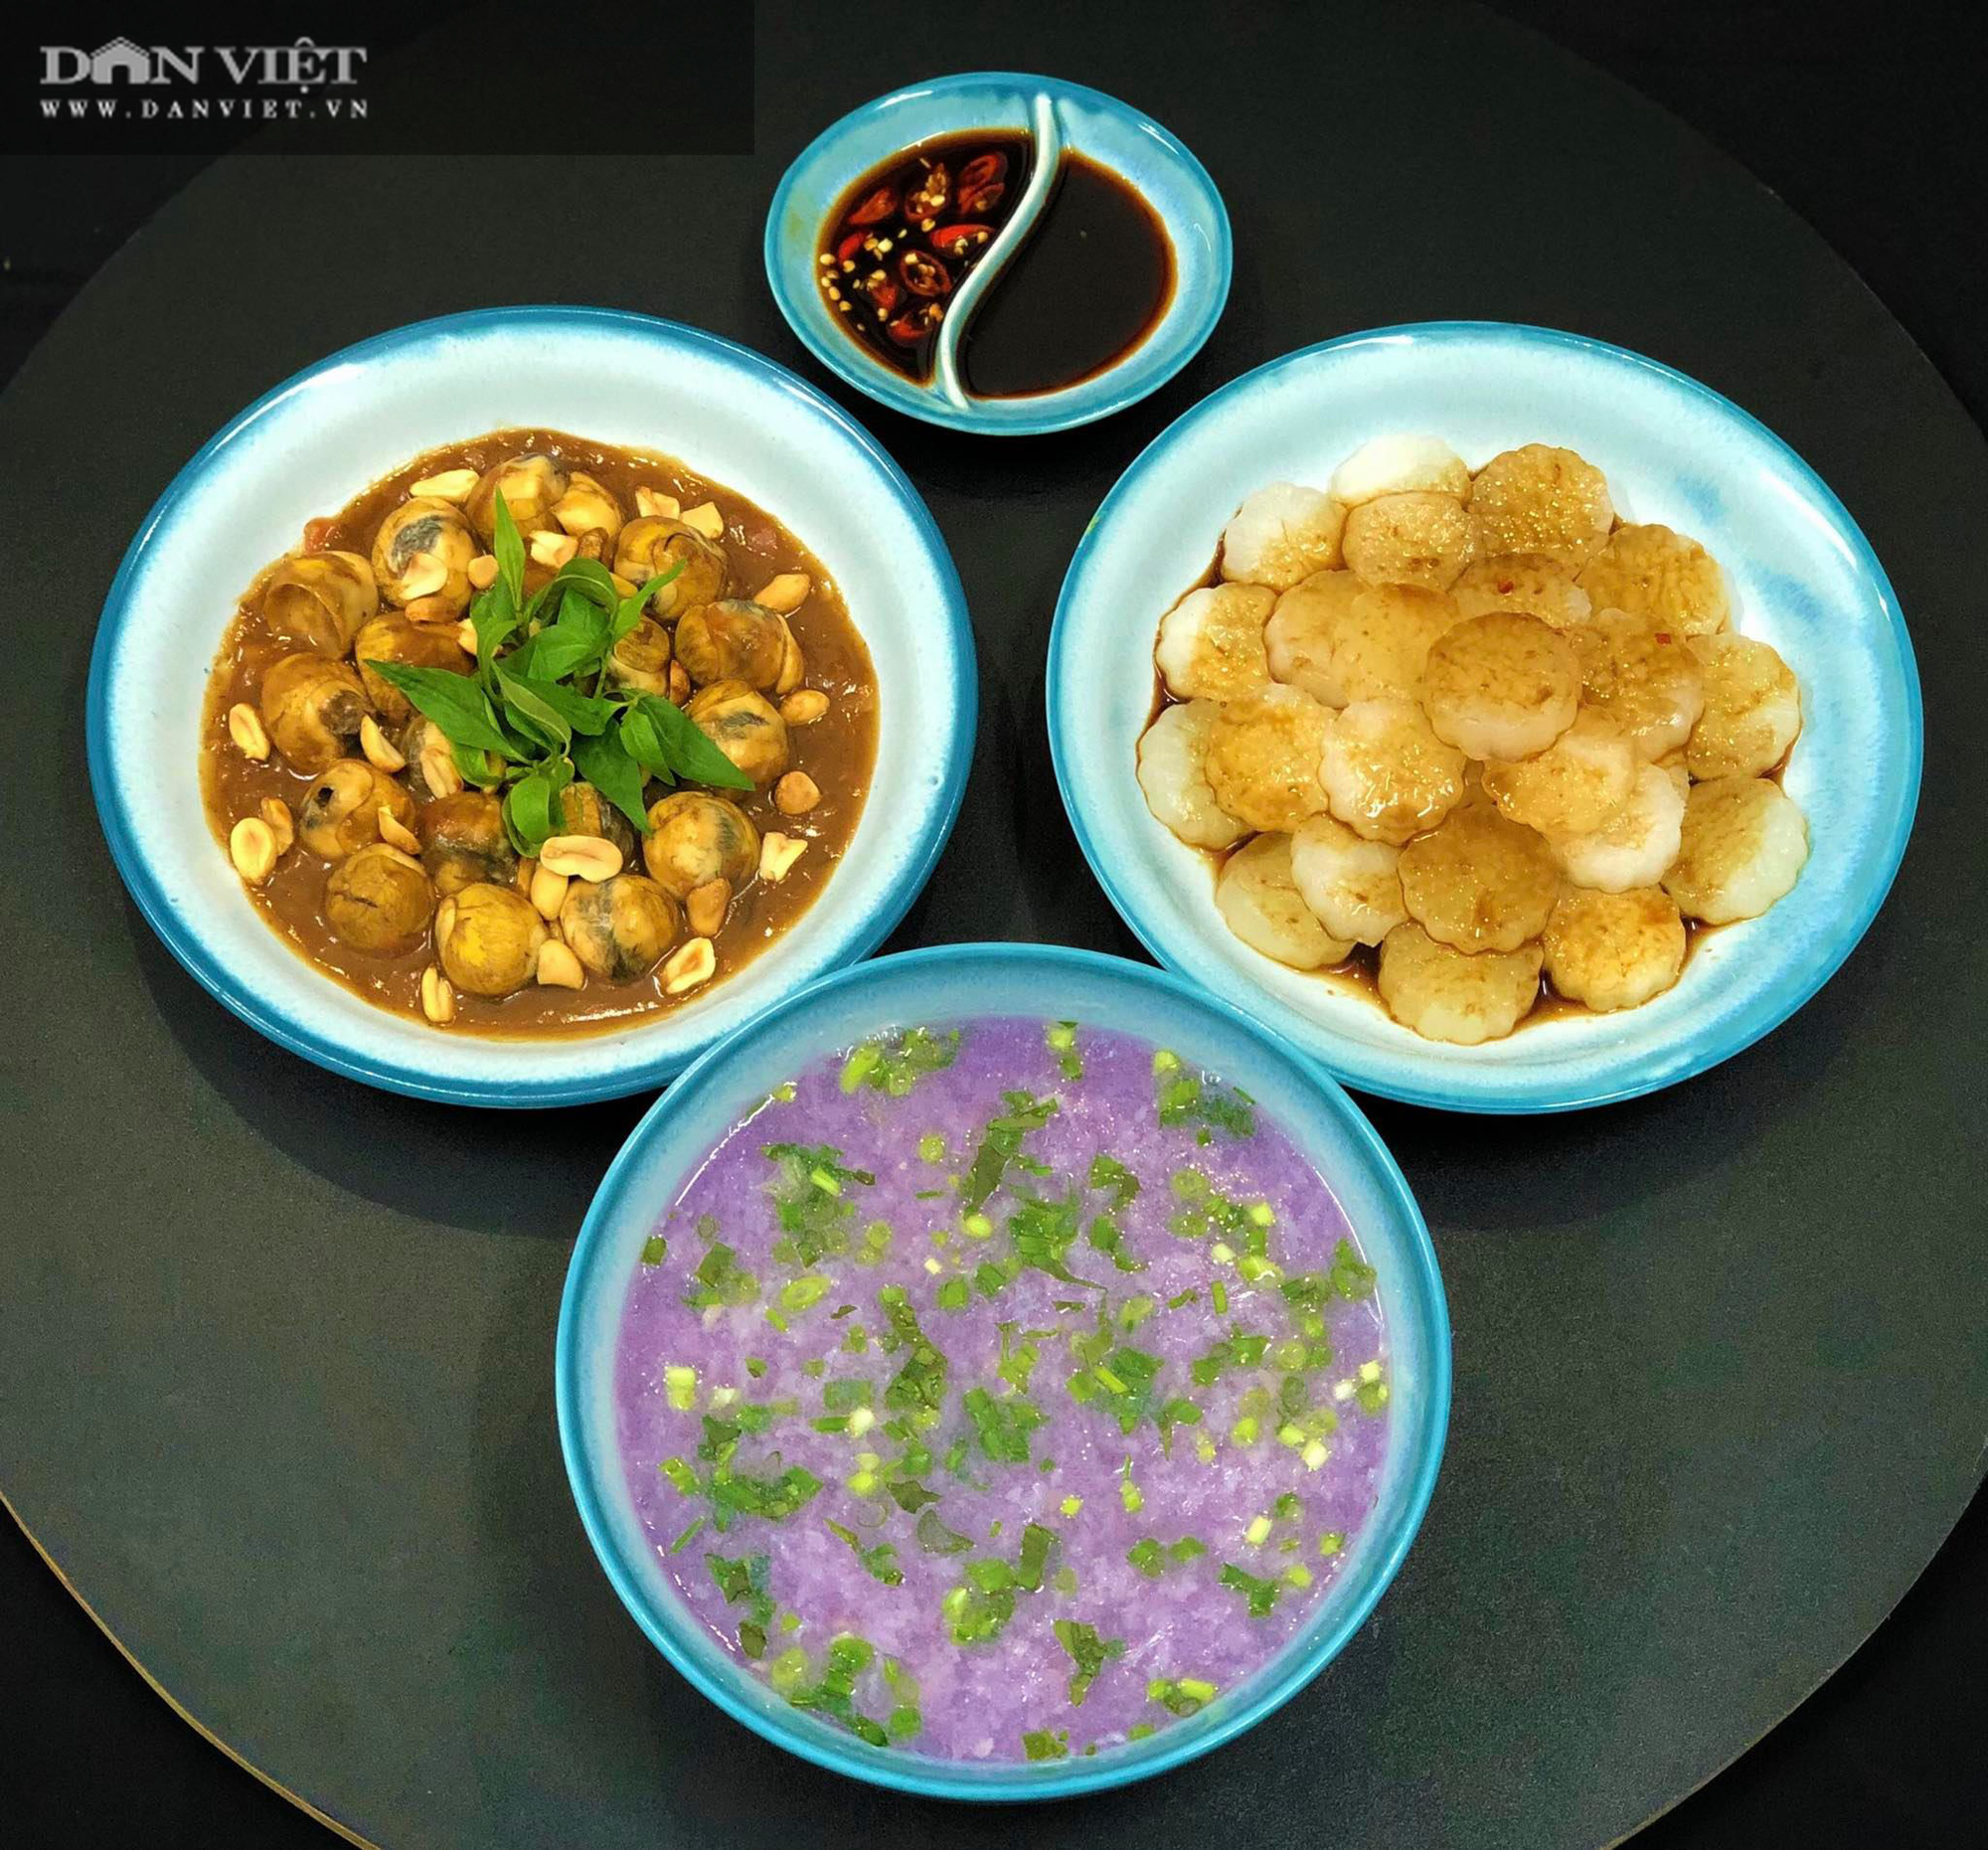 Mẹ đảm Hà thành gợi ý thực đơn cơm nhà đẹp mắt, đủ dinh dưỡng - Ảnh 4.